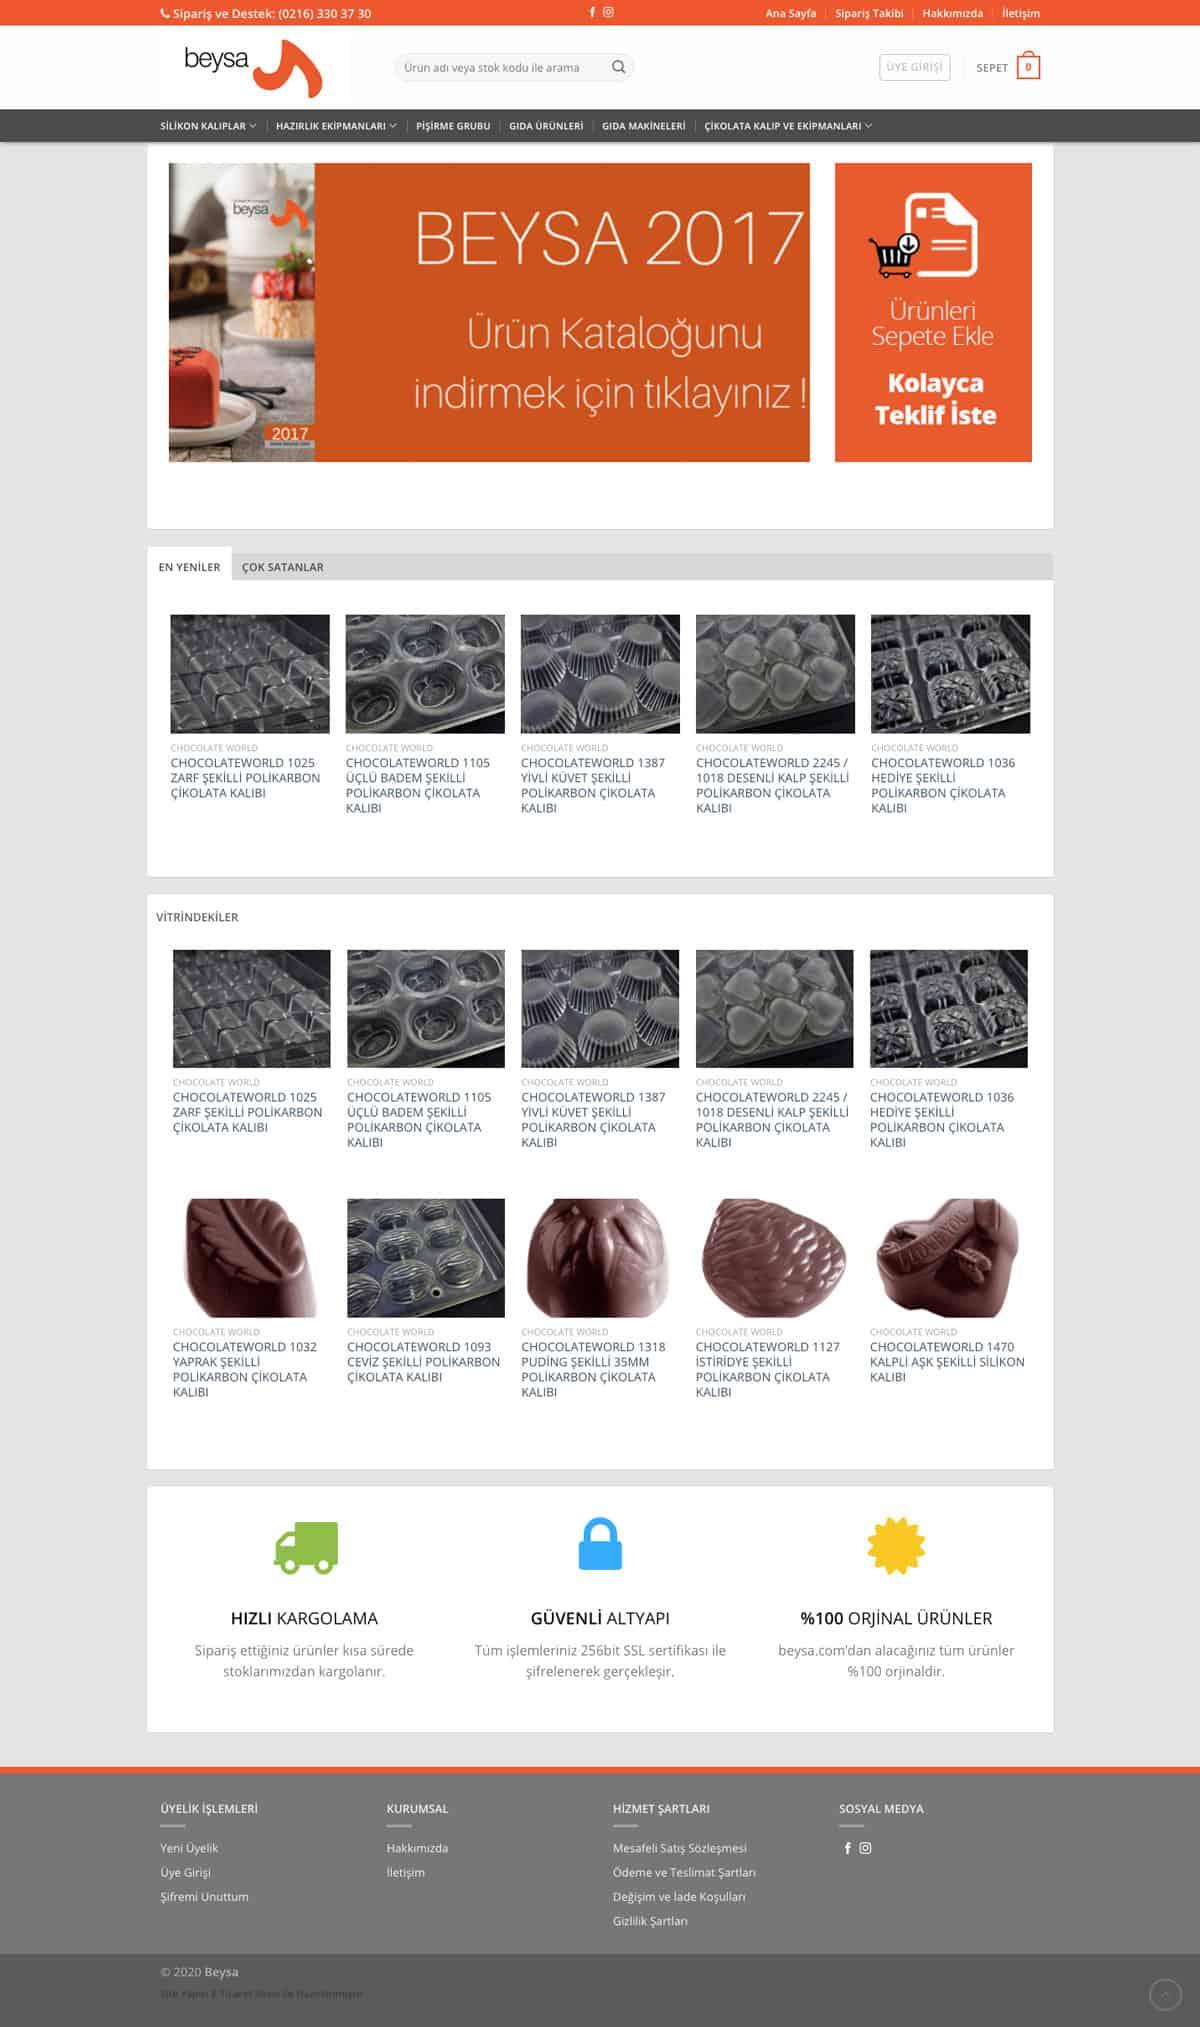 beysa web sitesi